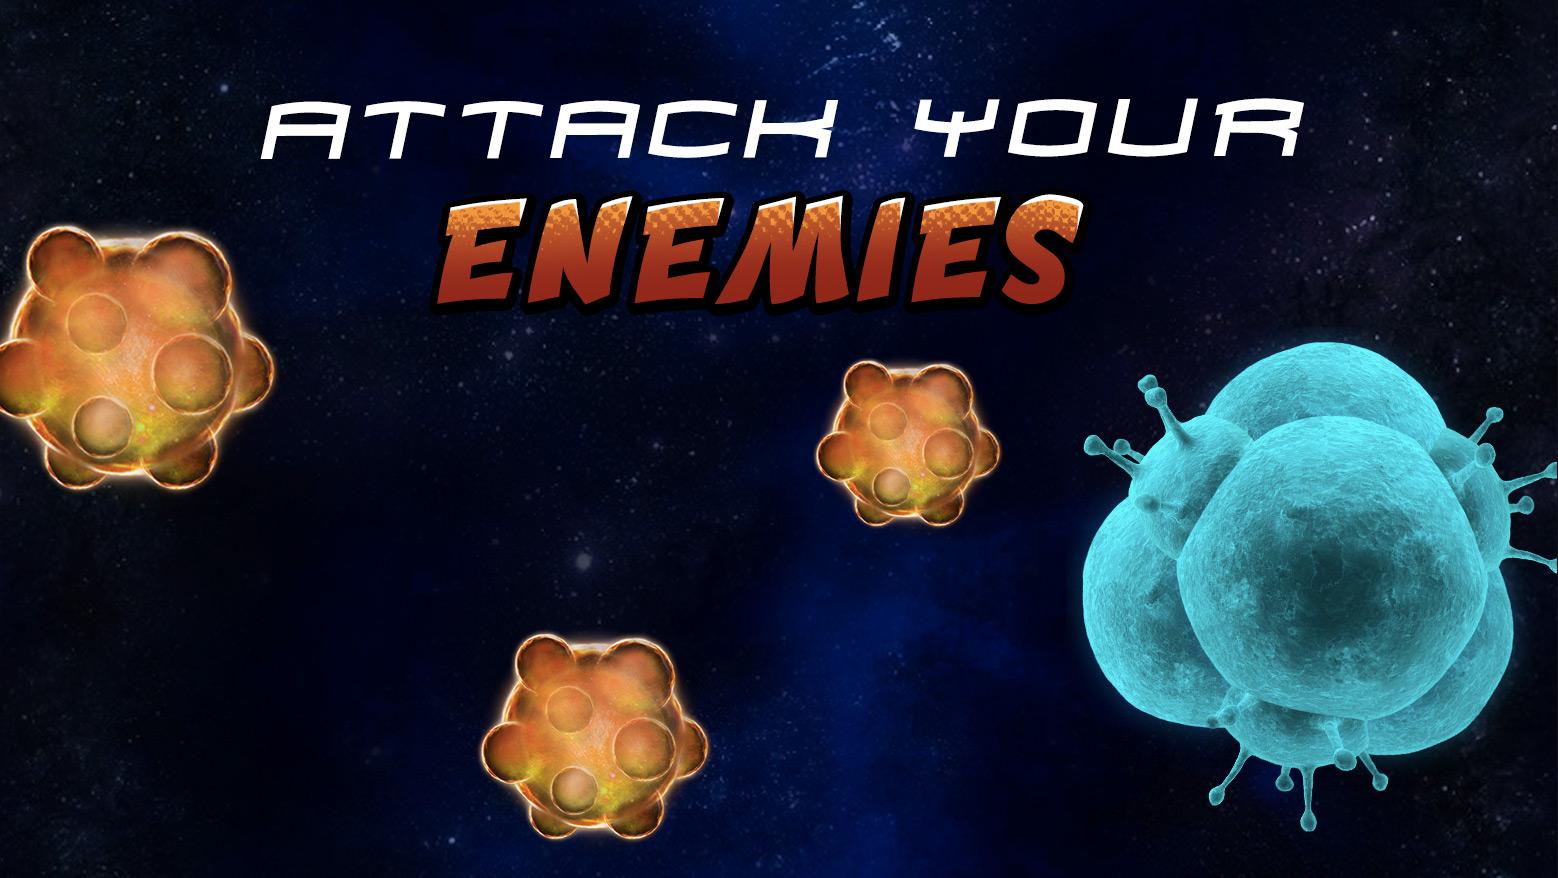 8 Attack